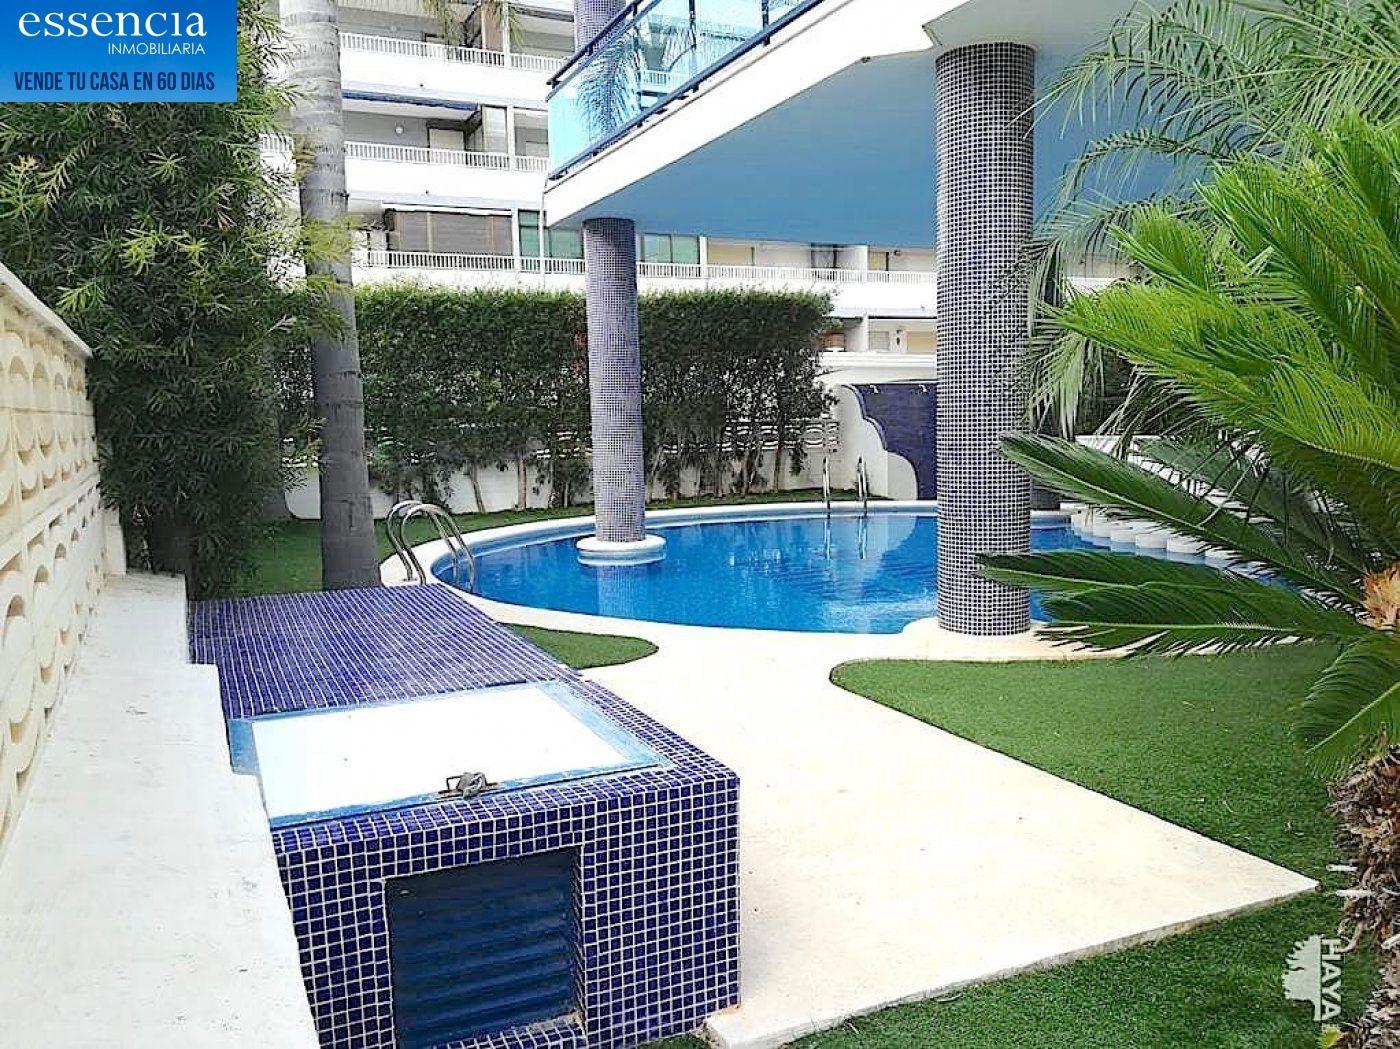 Apartamento de 2 dormitorios y 2 baños con salón con balcón. - imagenInmueble34